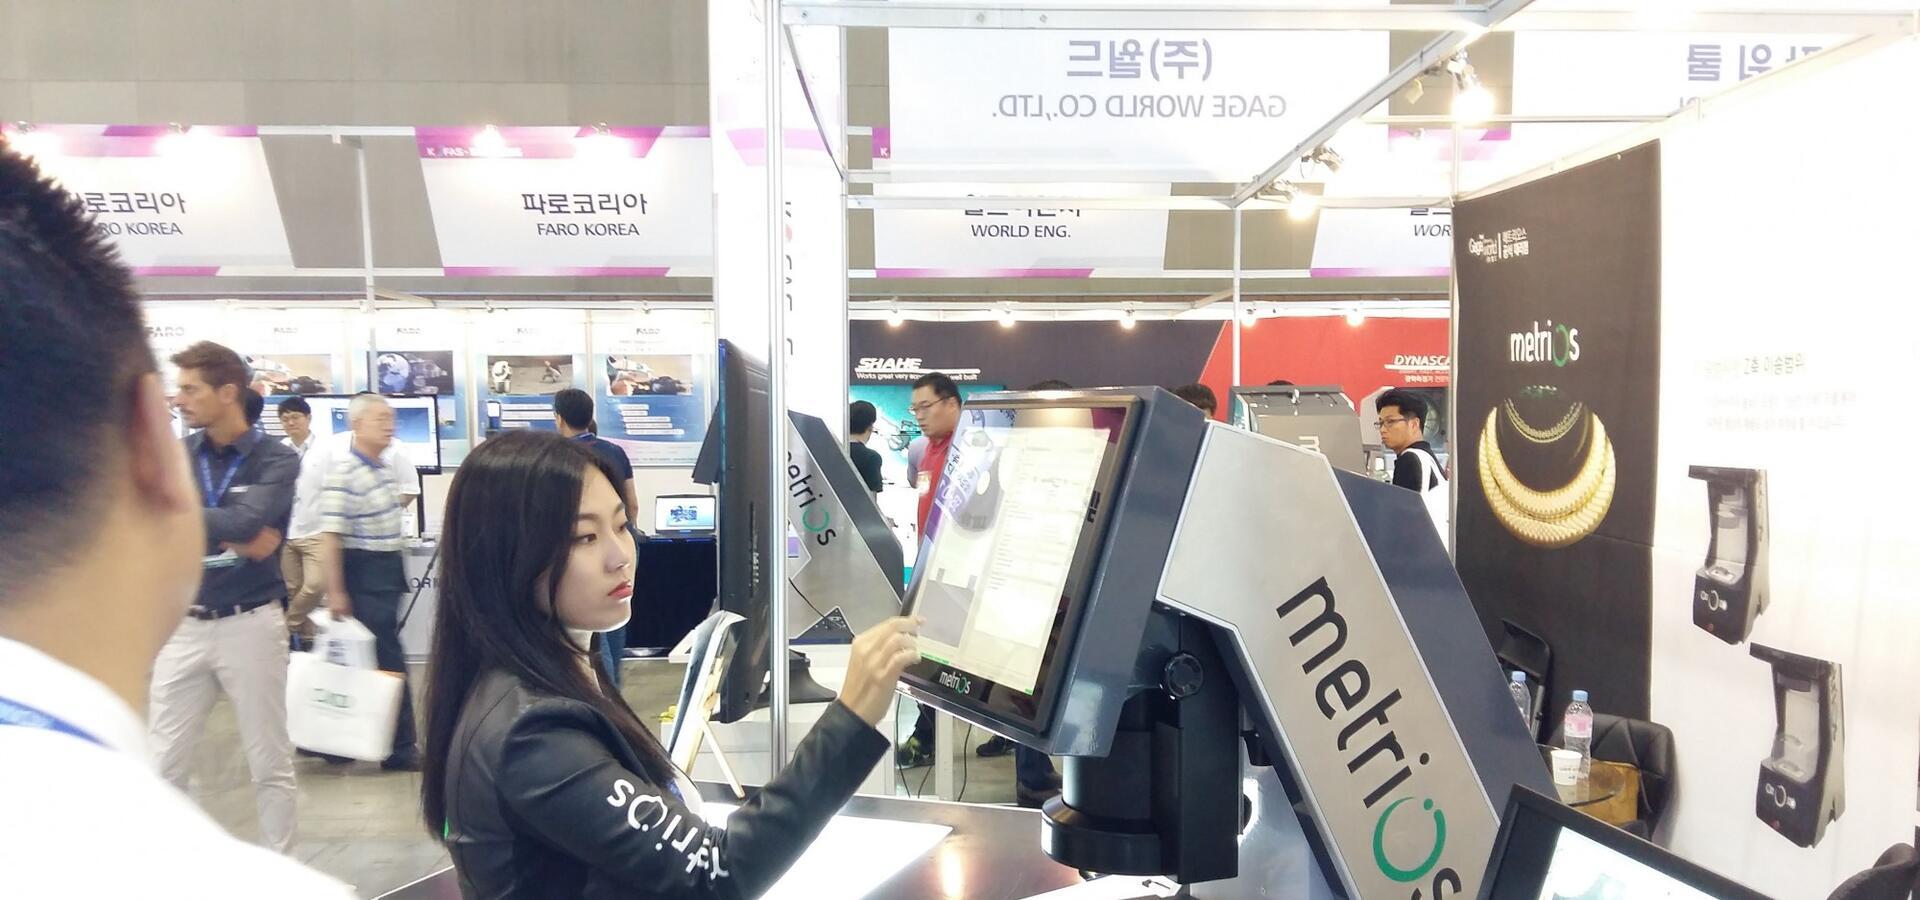 metrios it kofas-2016-seoul-korea 003